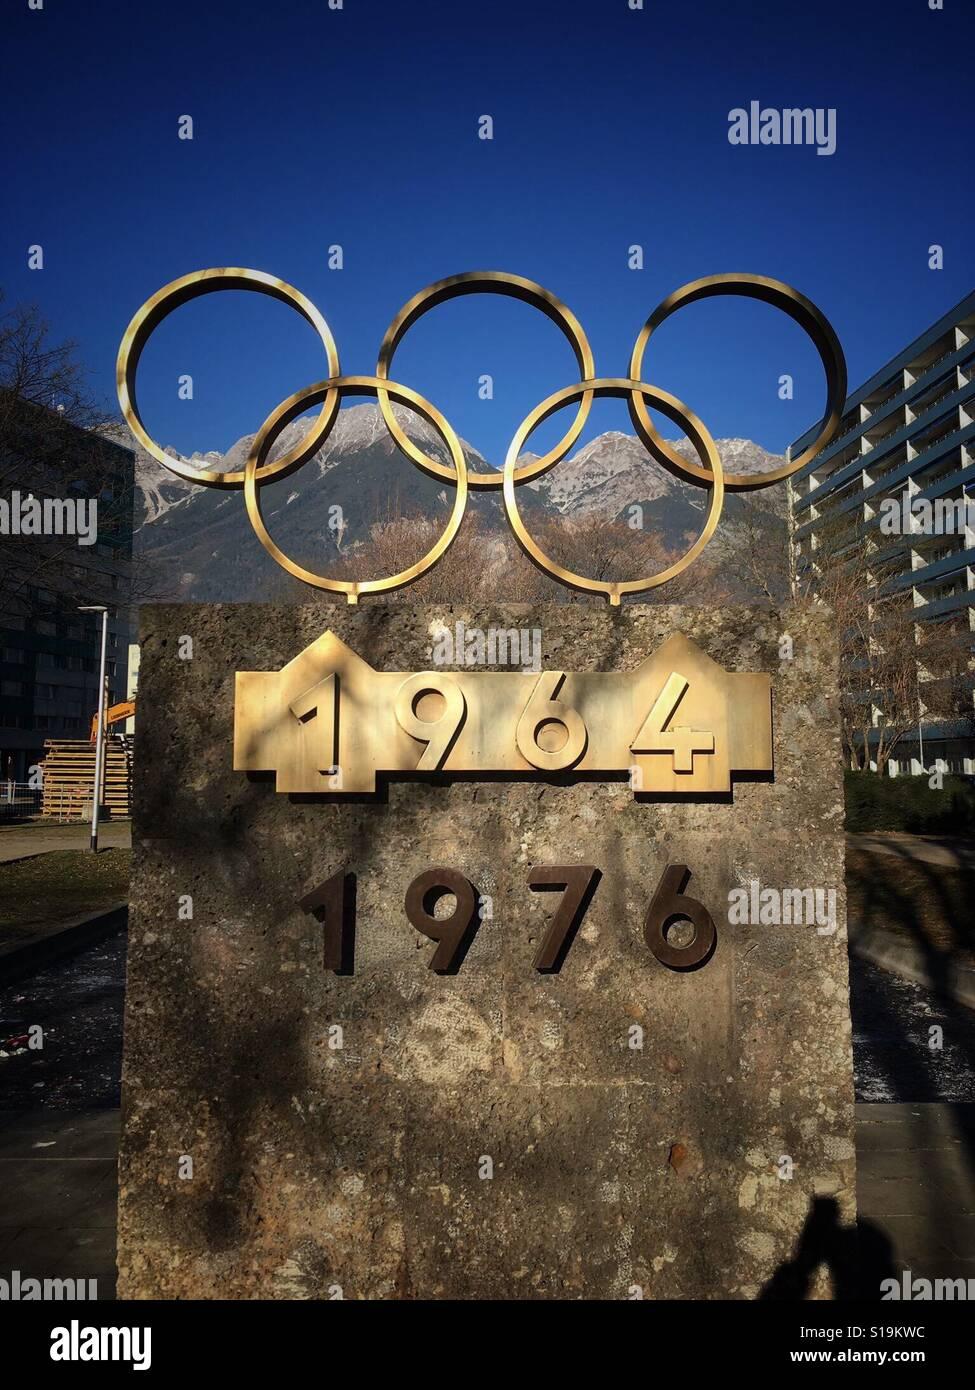 Monumento a los Juegos Olímpicos de invierno Foto de stock